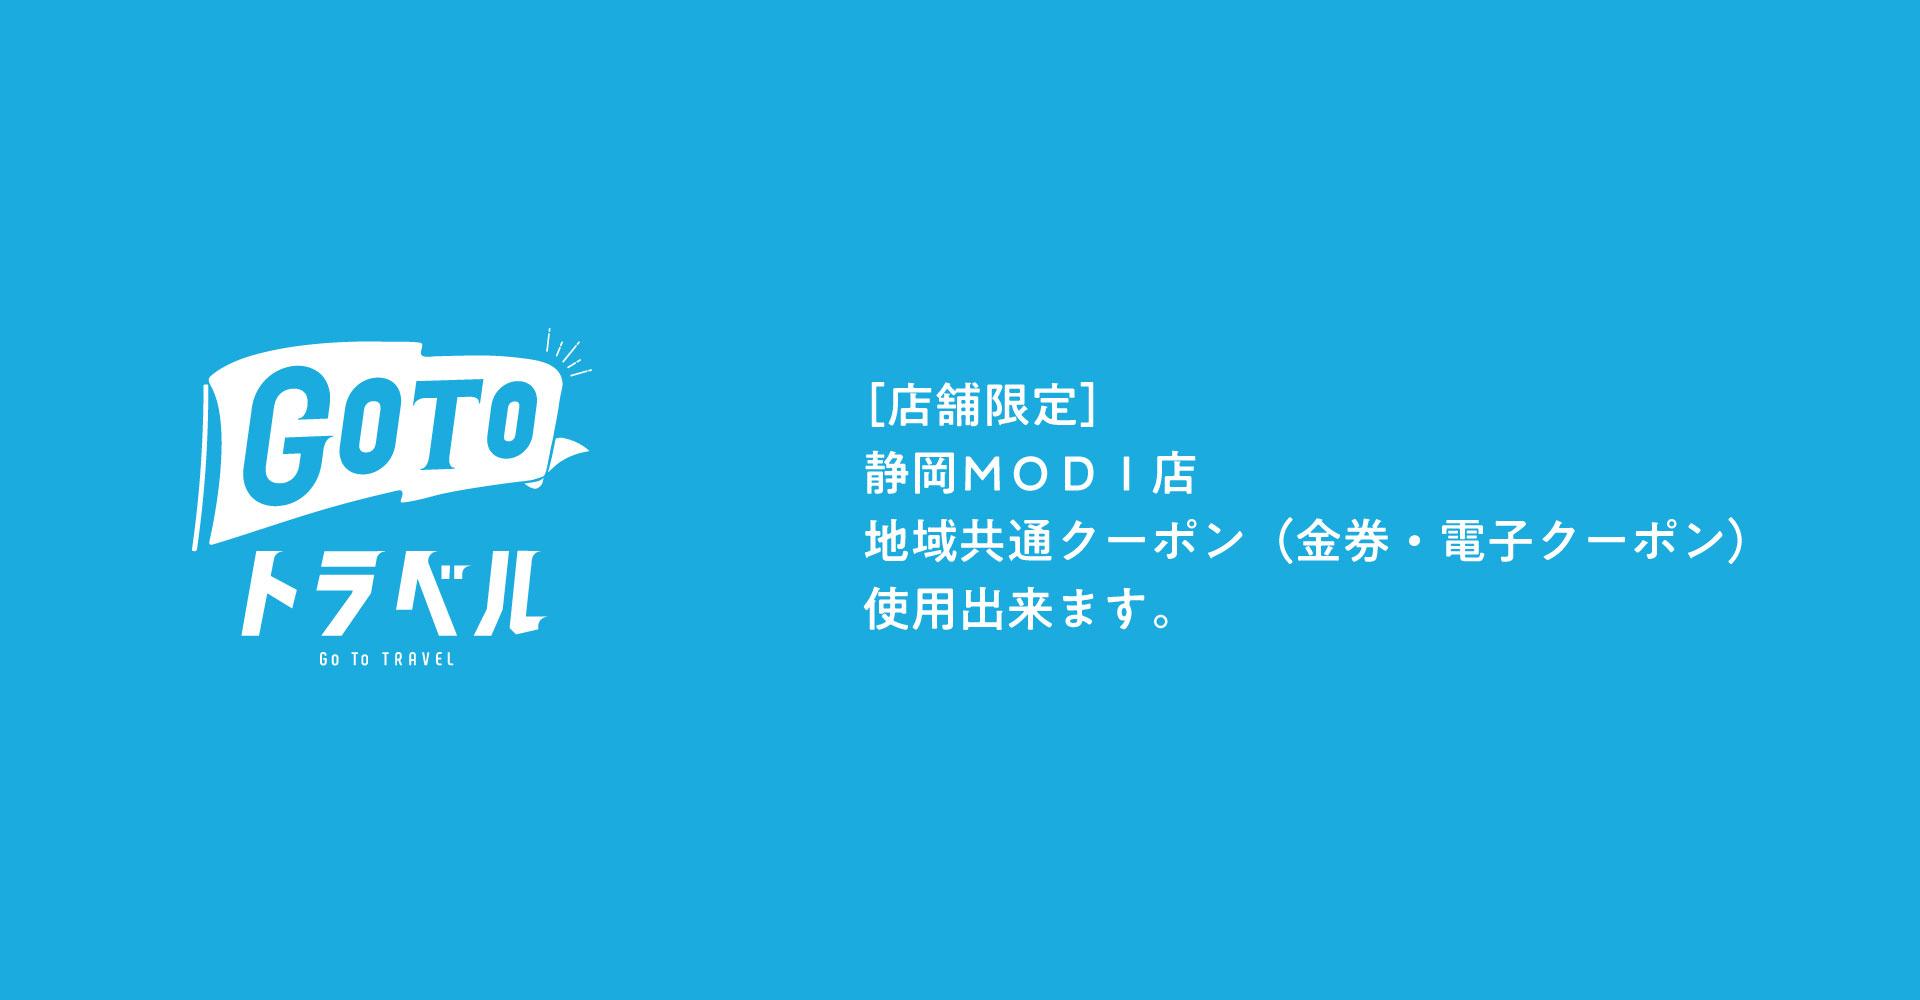 静岡MODI店 地域共通クーポン(金券・電子クーポン)使用できます